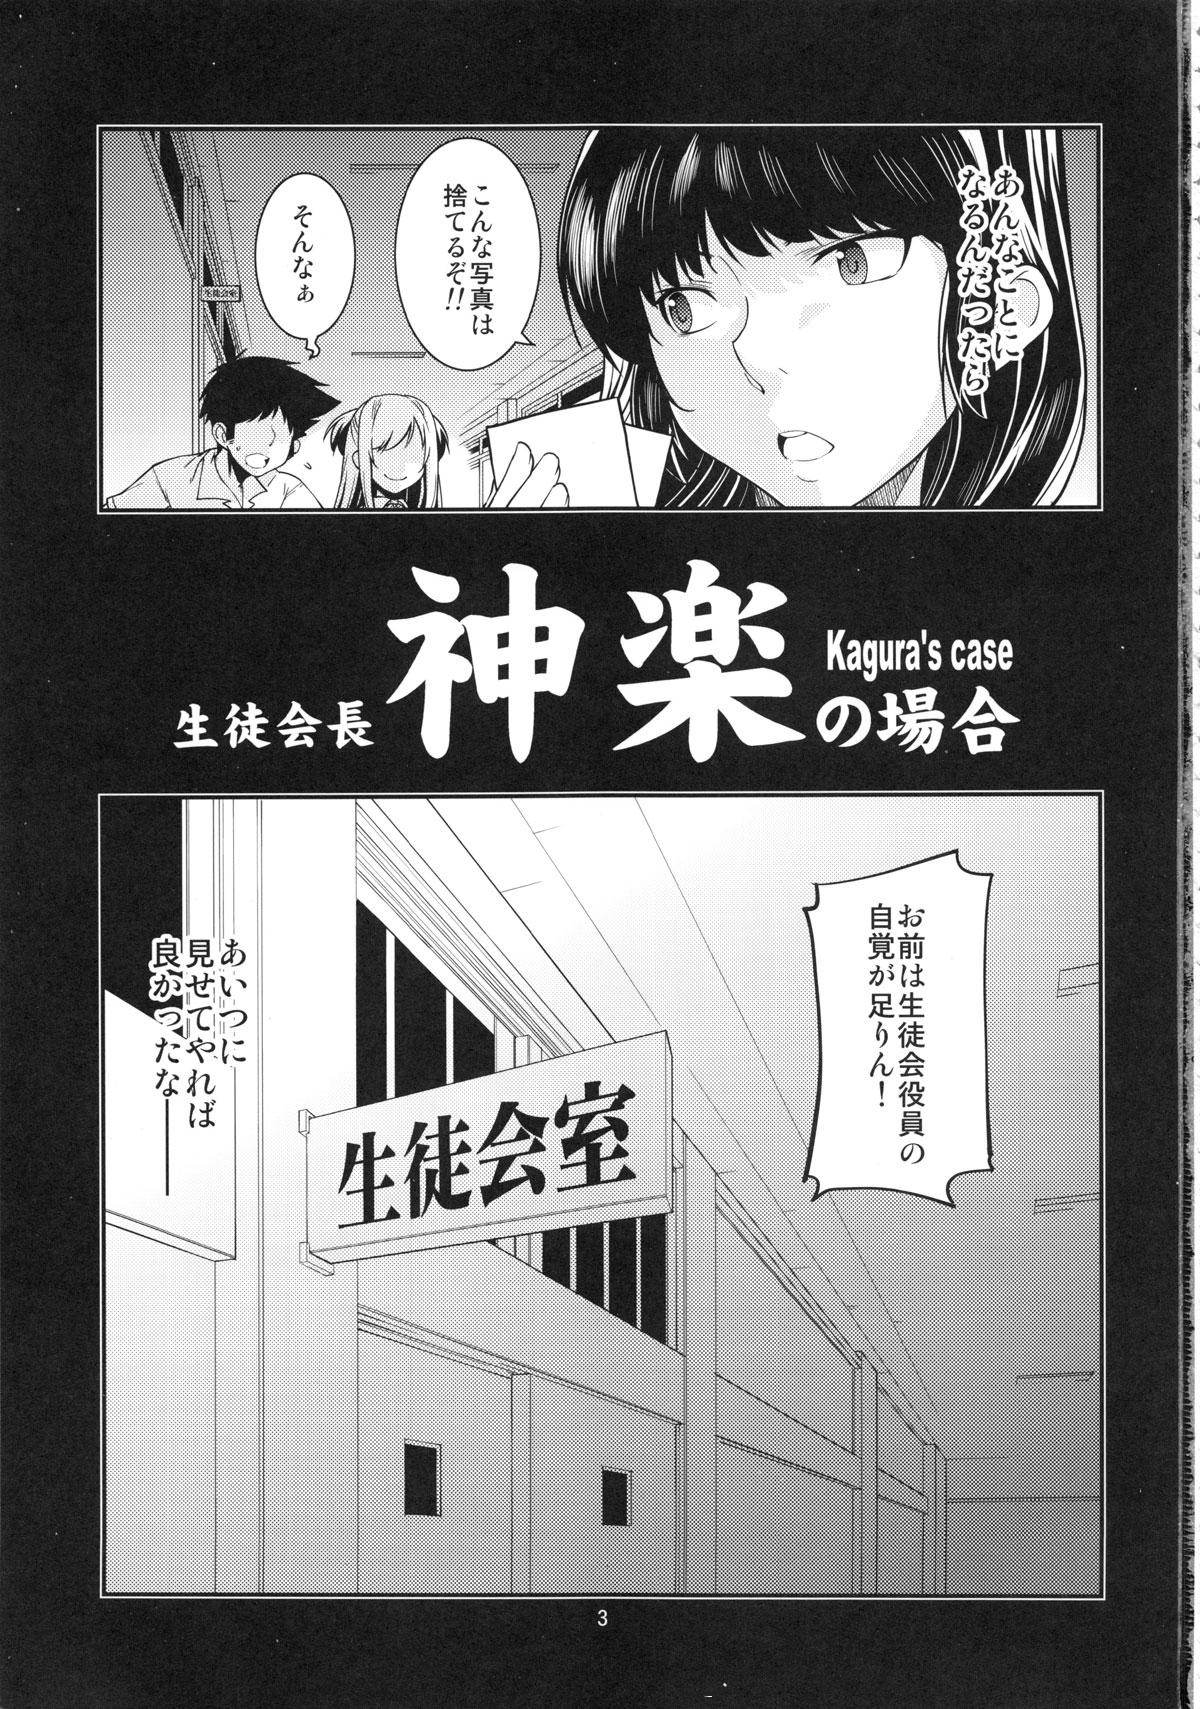 【エロ漫画・エロ同人】巨乳女子校生が用務員に拘束されてレイプされてるw中出しセックスでイカされまくって調教開始www (2)